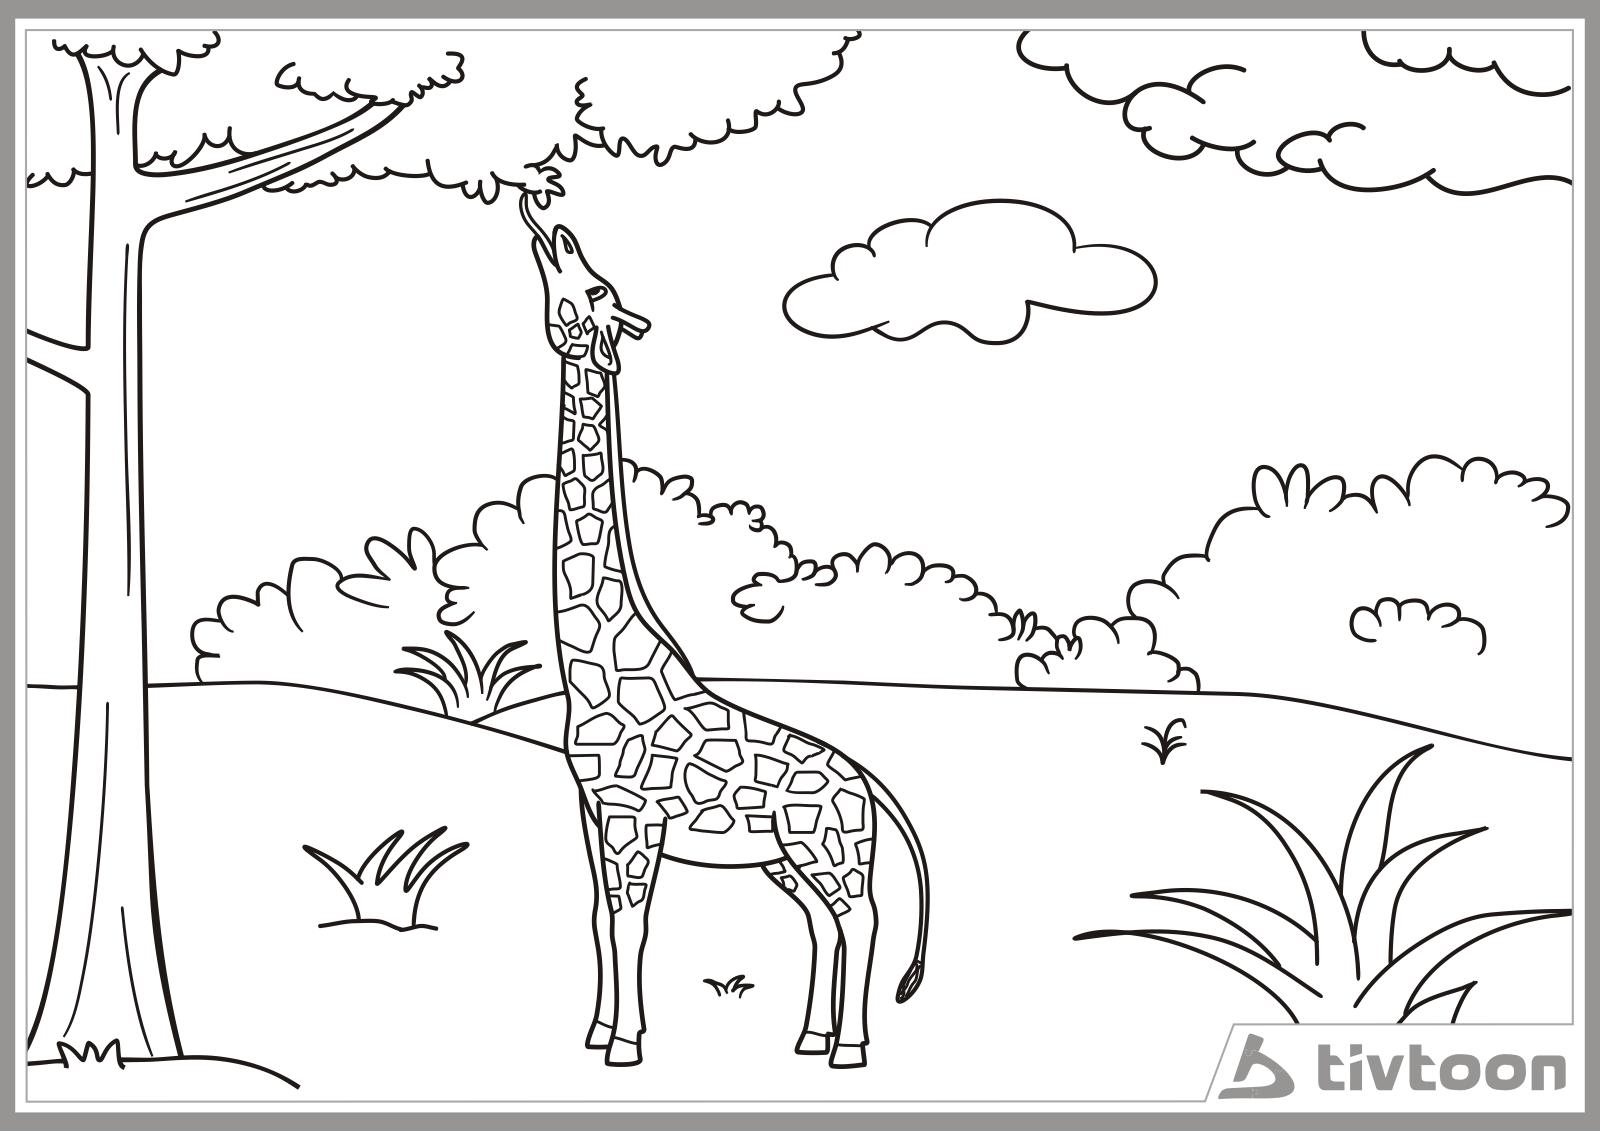 gambar kartun jerapah - gambar jerapah - gambar kartun jerapah